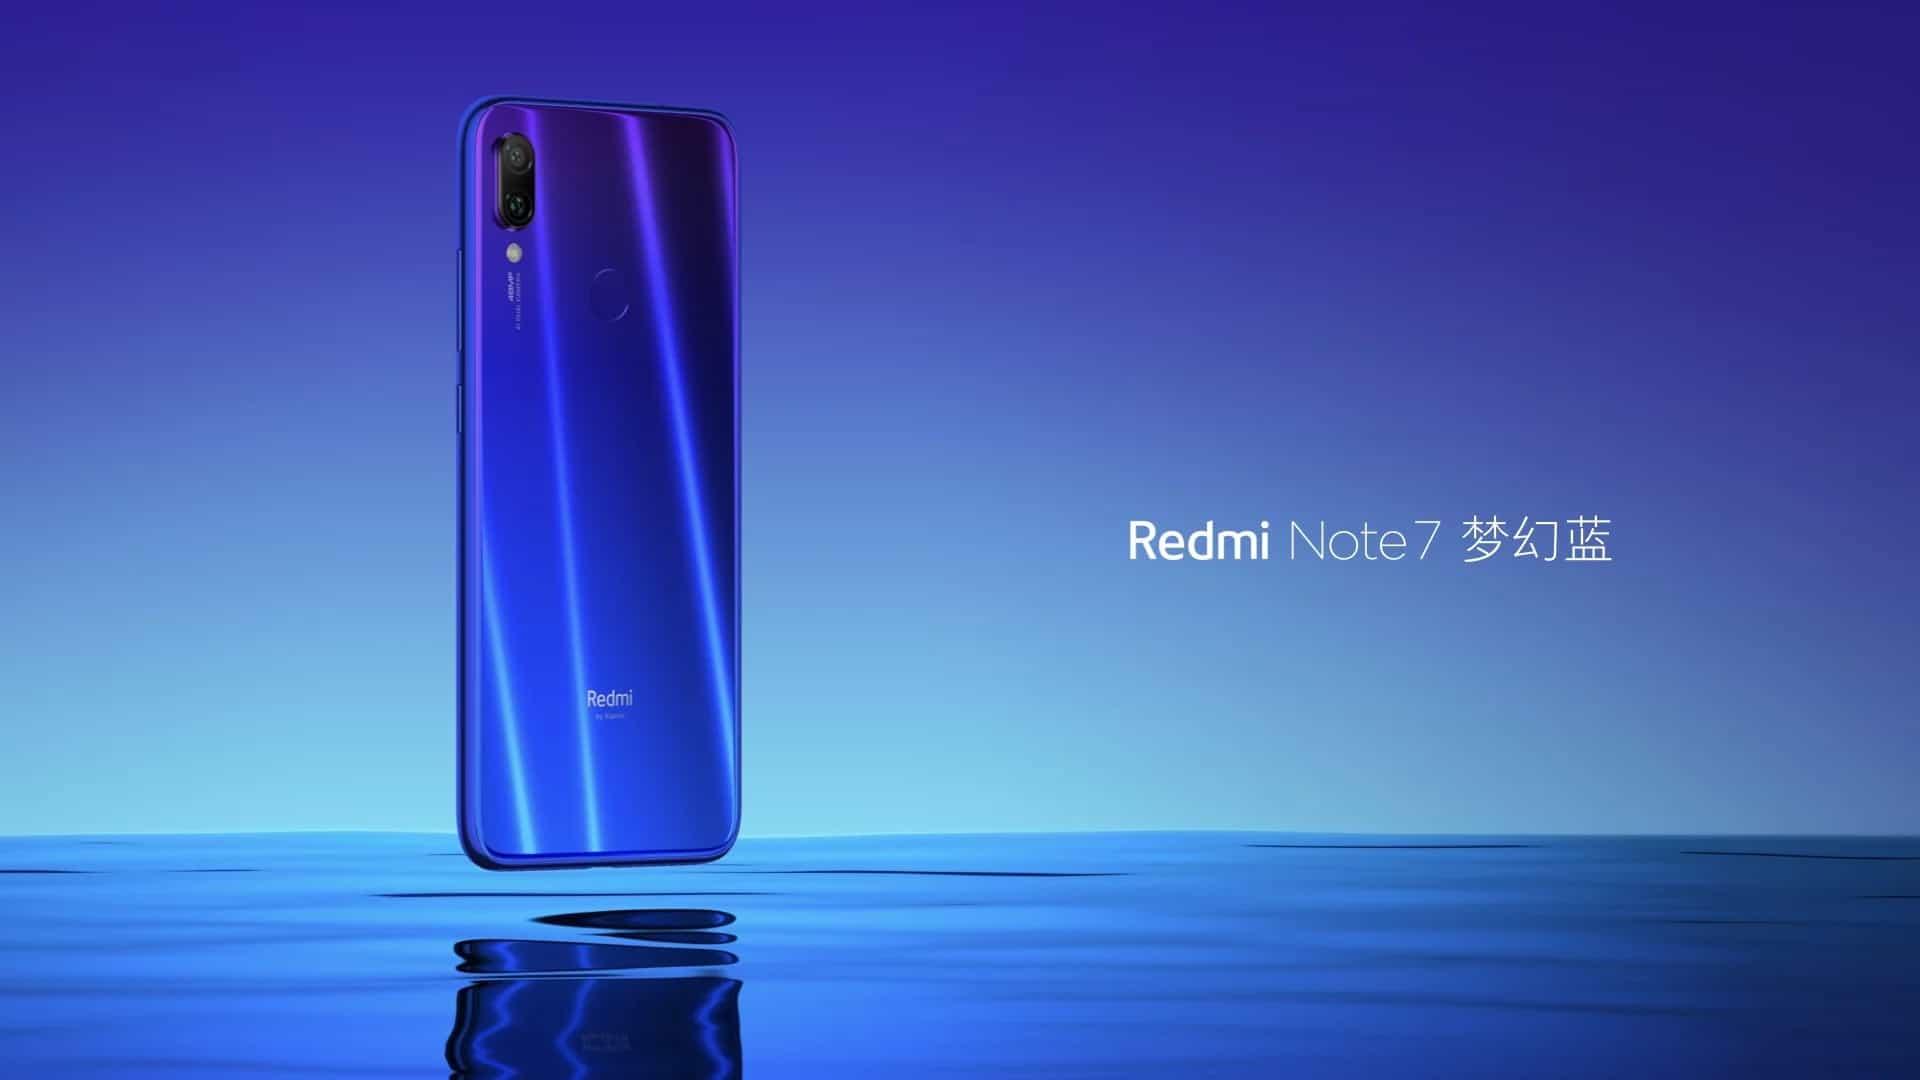 Redmi Note 7 foi